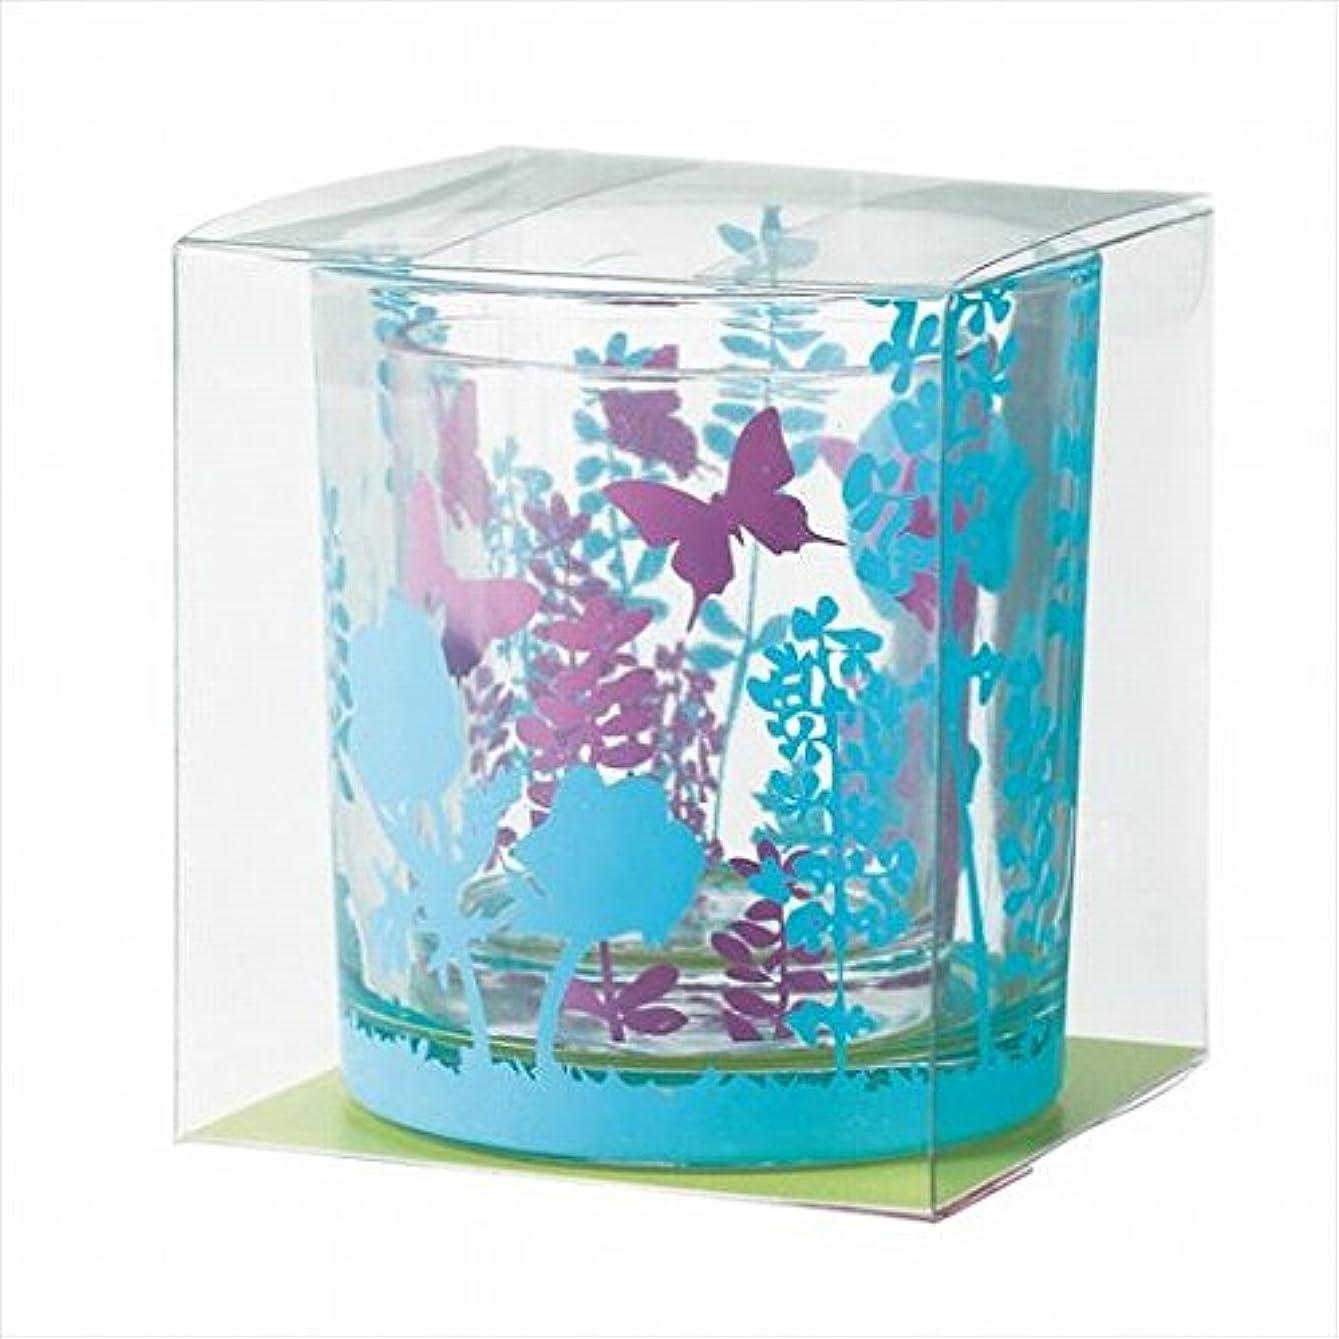 君主制残り恐怖カメヤマキャンドル(kameyama candle) ブルーミングデュエットグラス 「 クールカラー 」